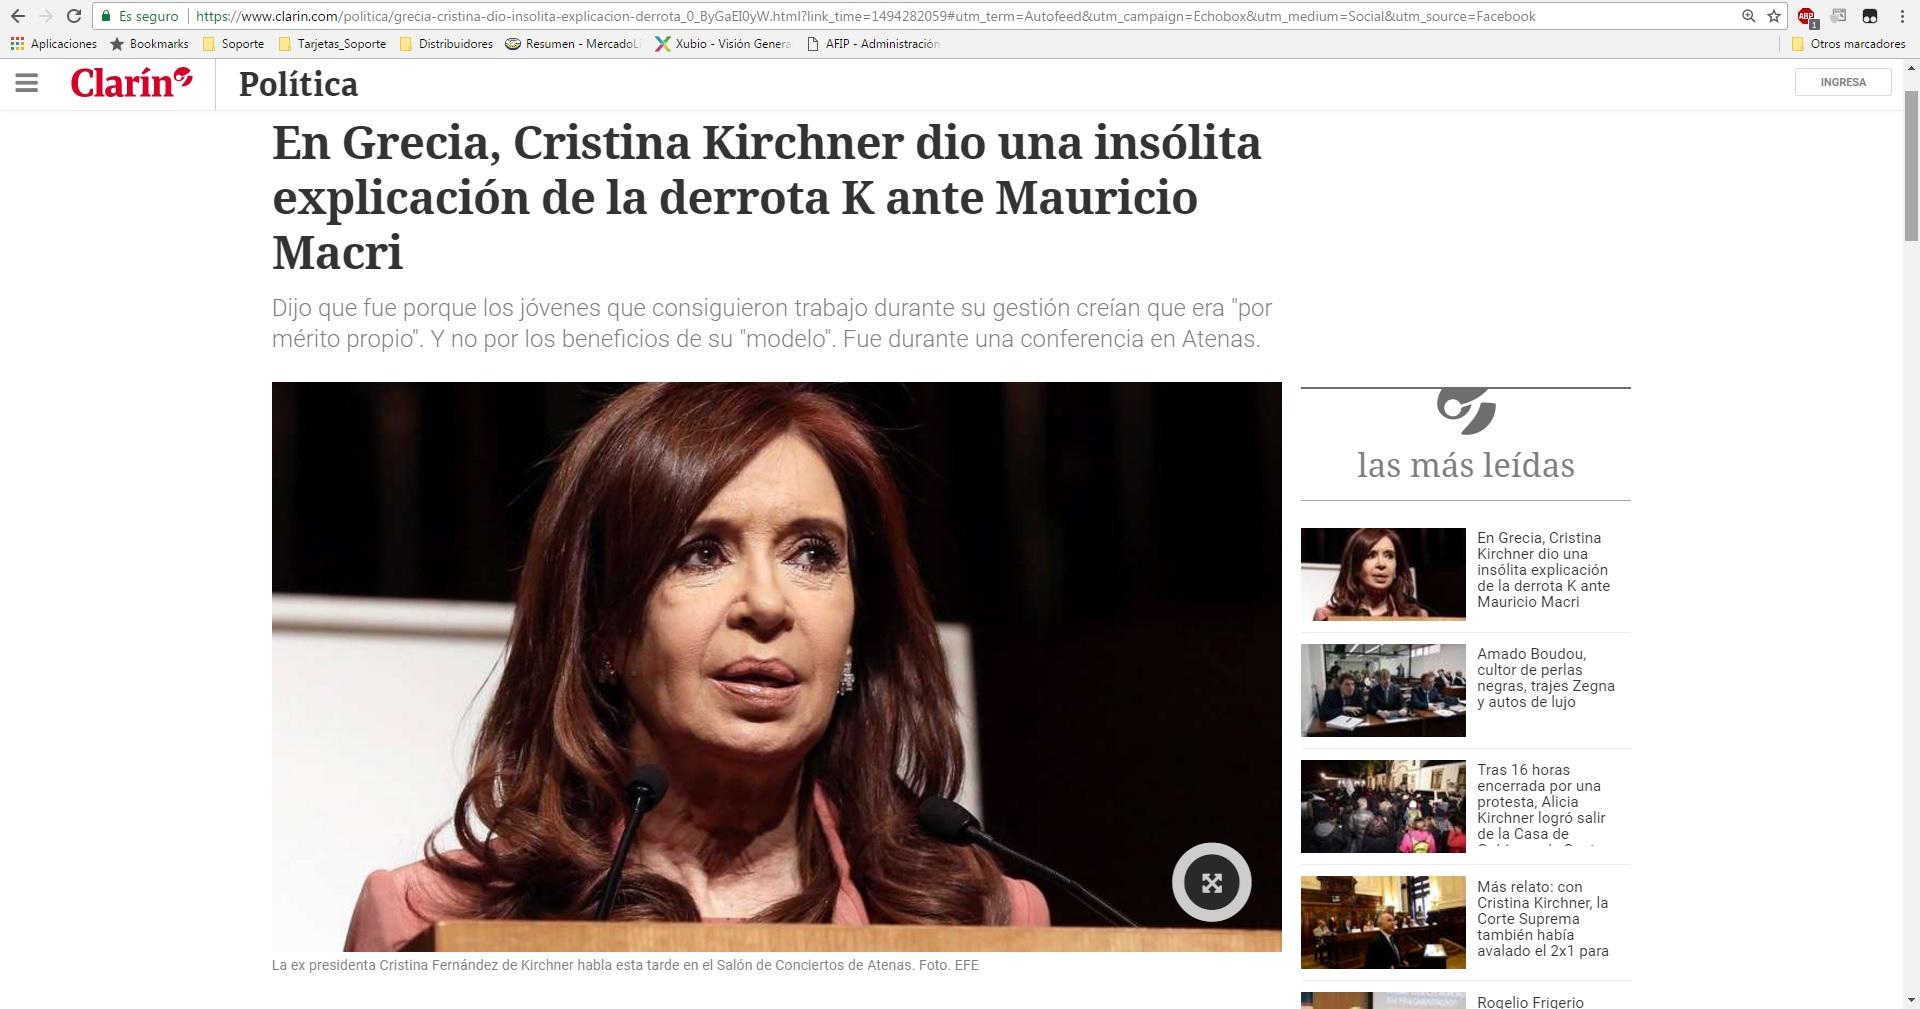 """CFK: """"Y esos jóvenes de veintipico que entraron a trabajar a las fábricas creyeron que era un mérito propio"""""""